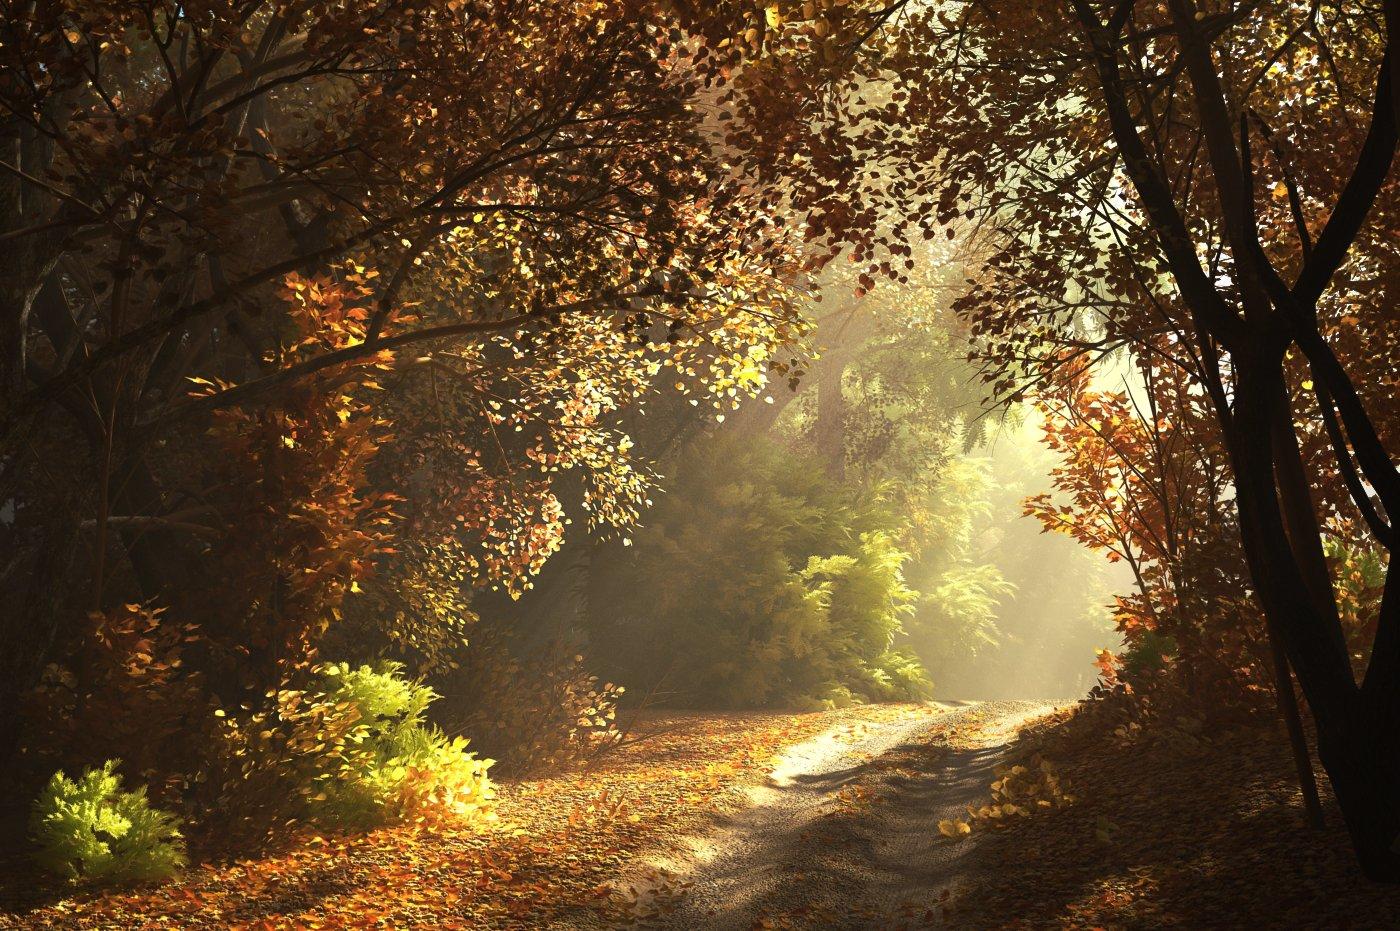 nr_autumn_scene_182.jpg